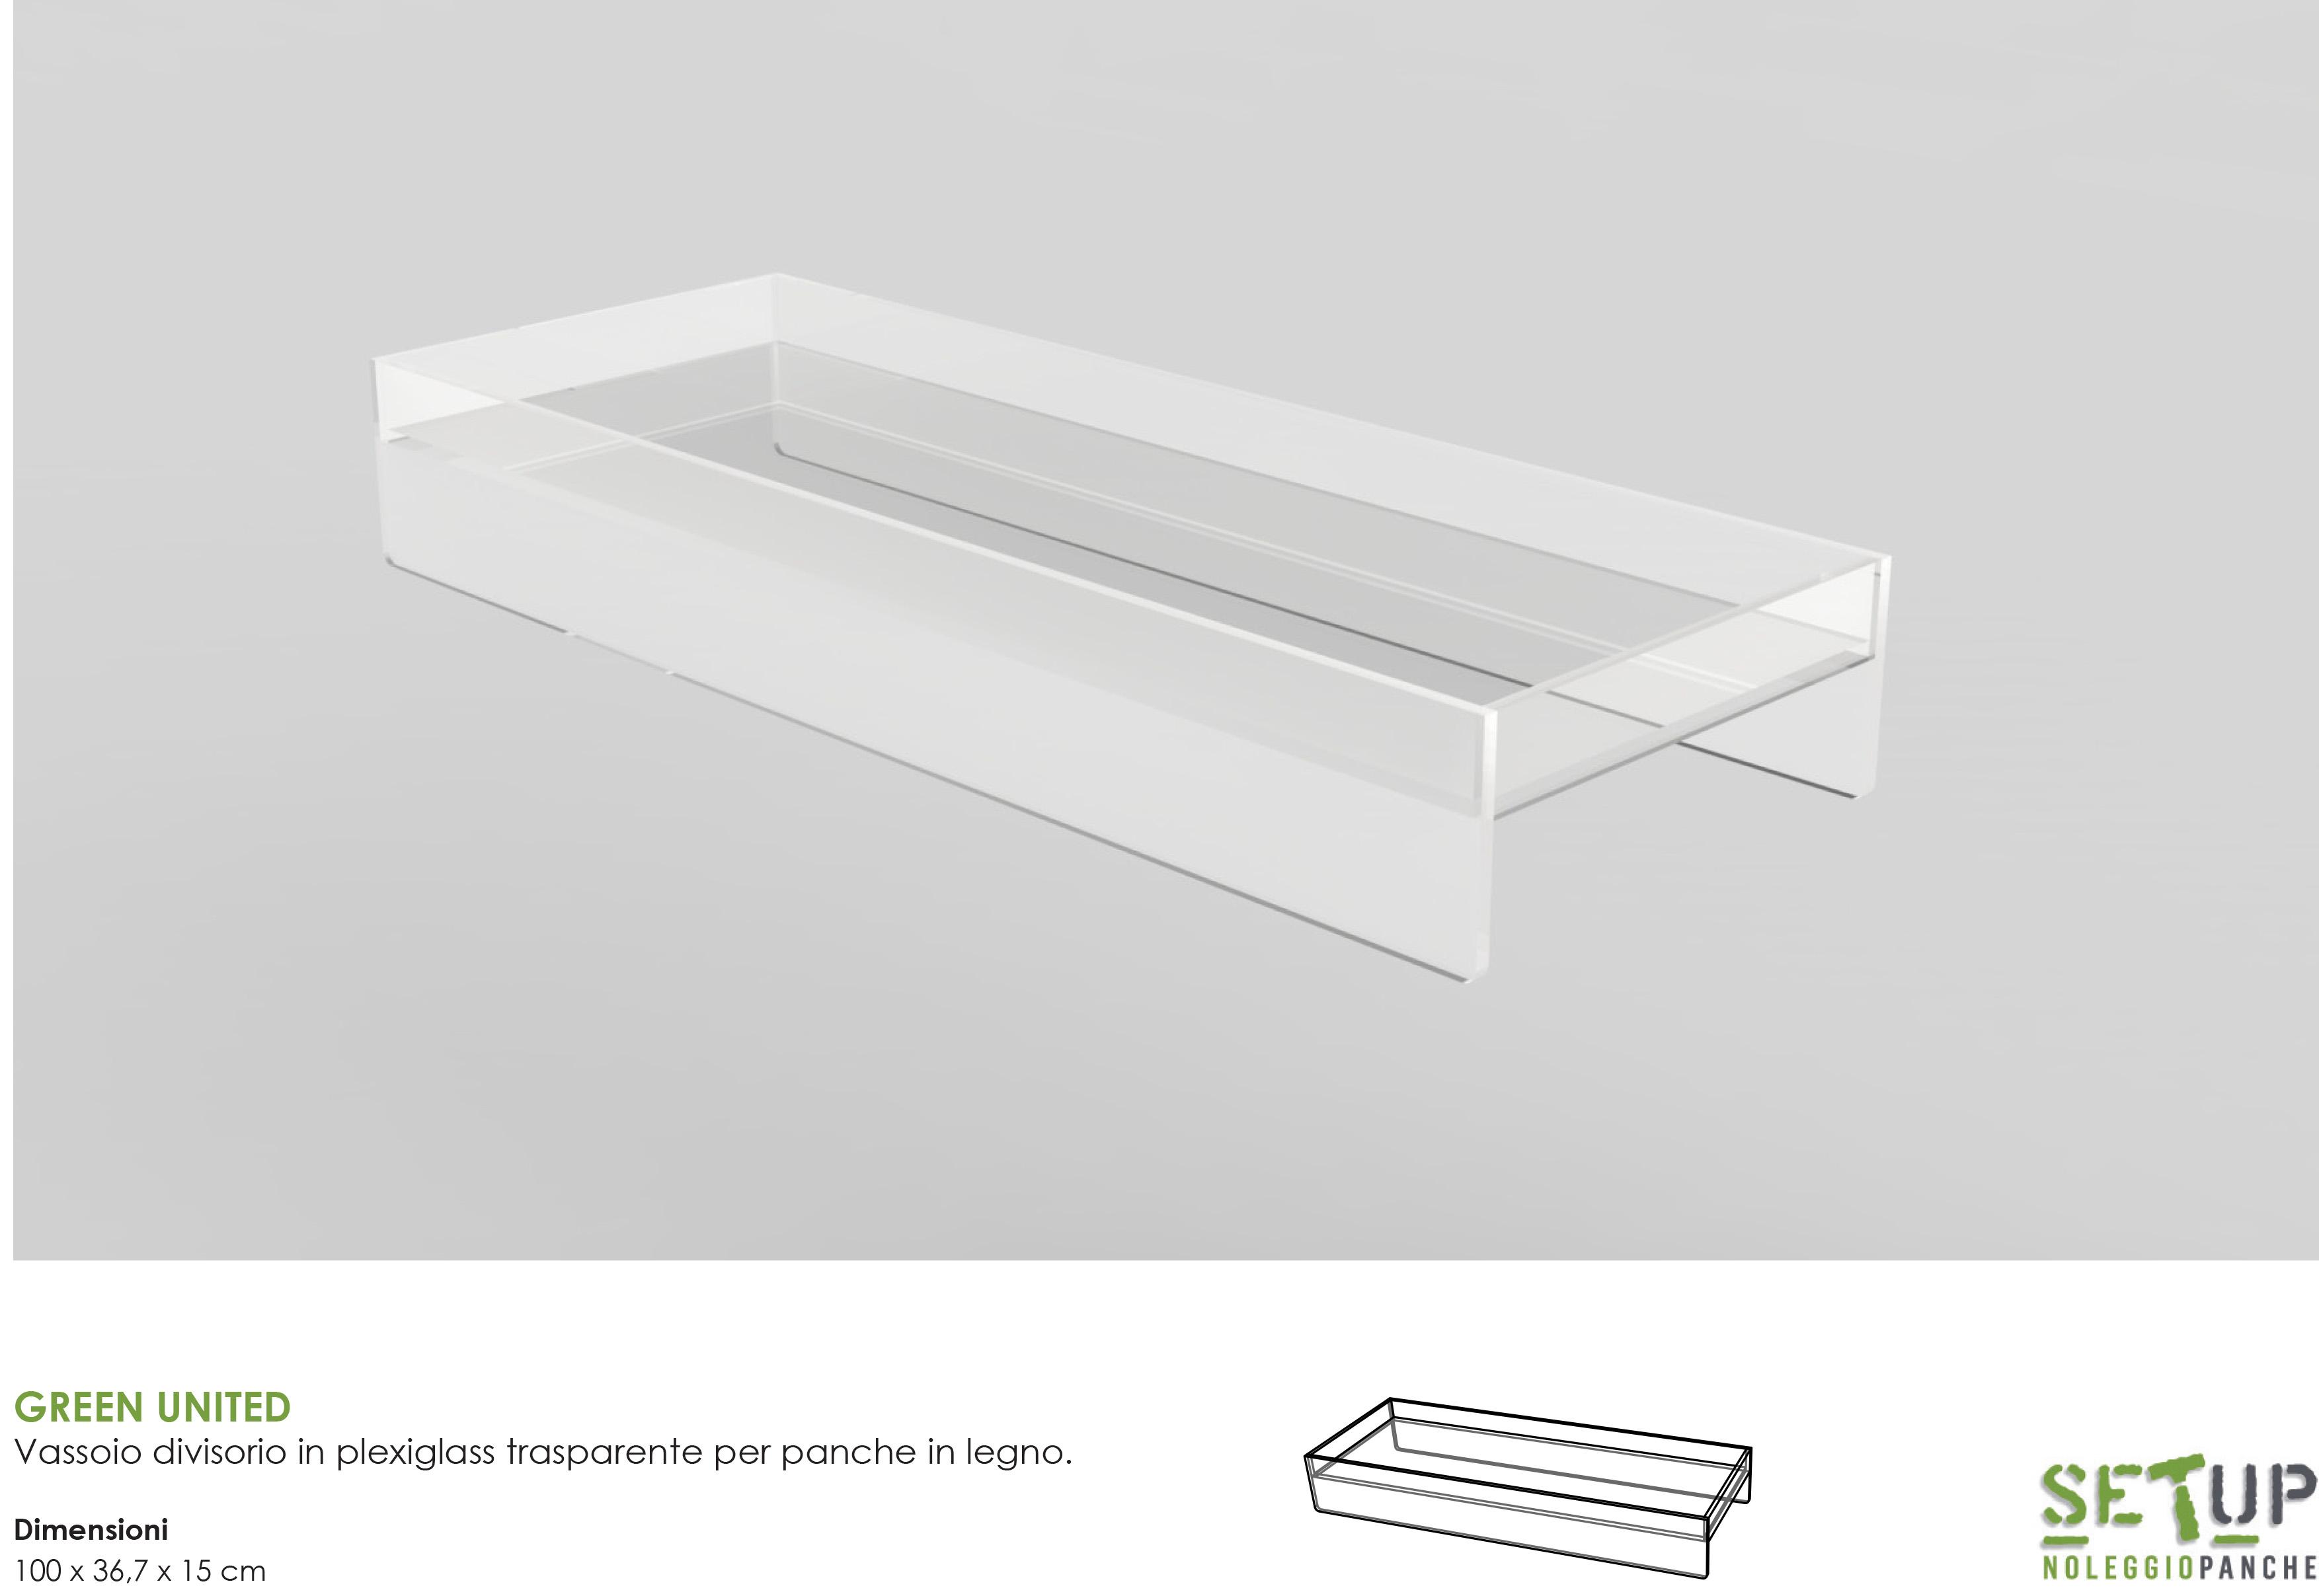 Setup_PancheCOVID19-9